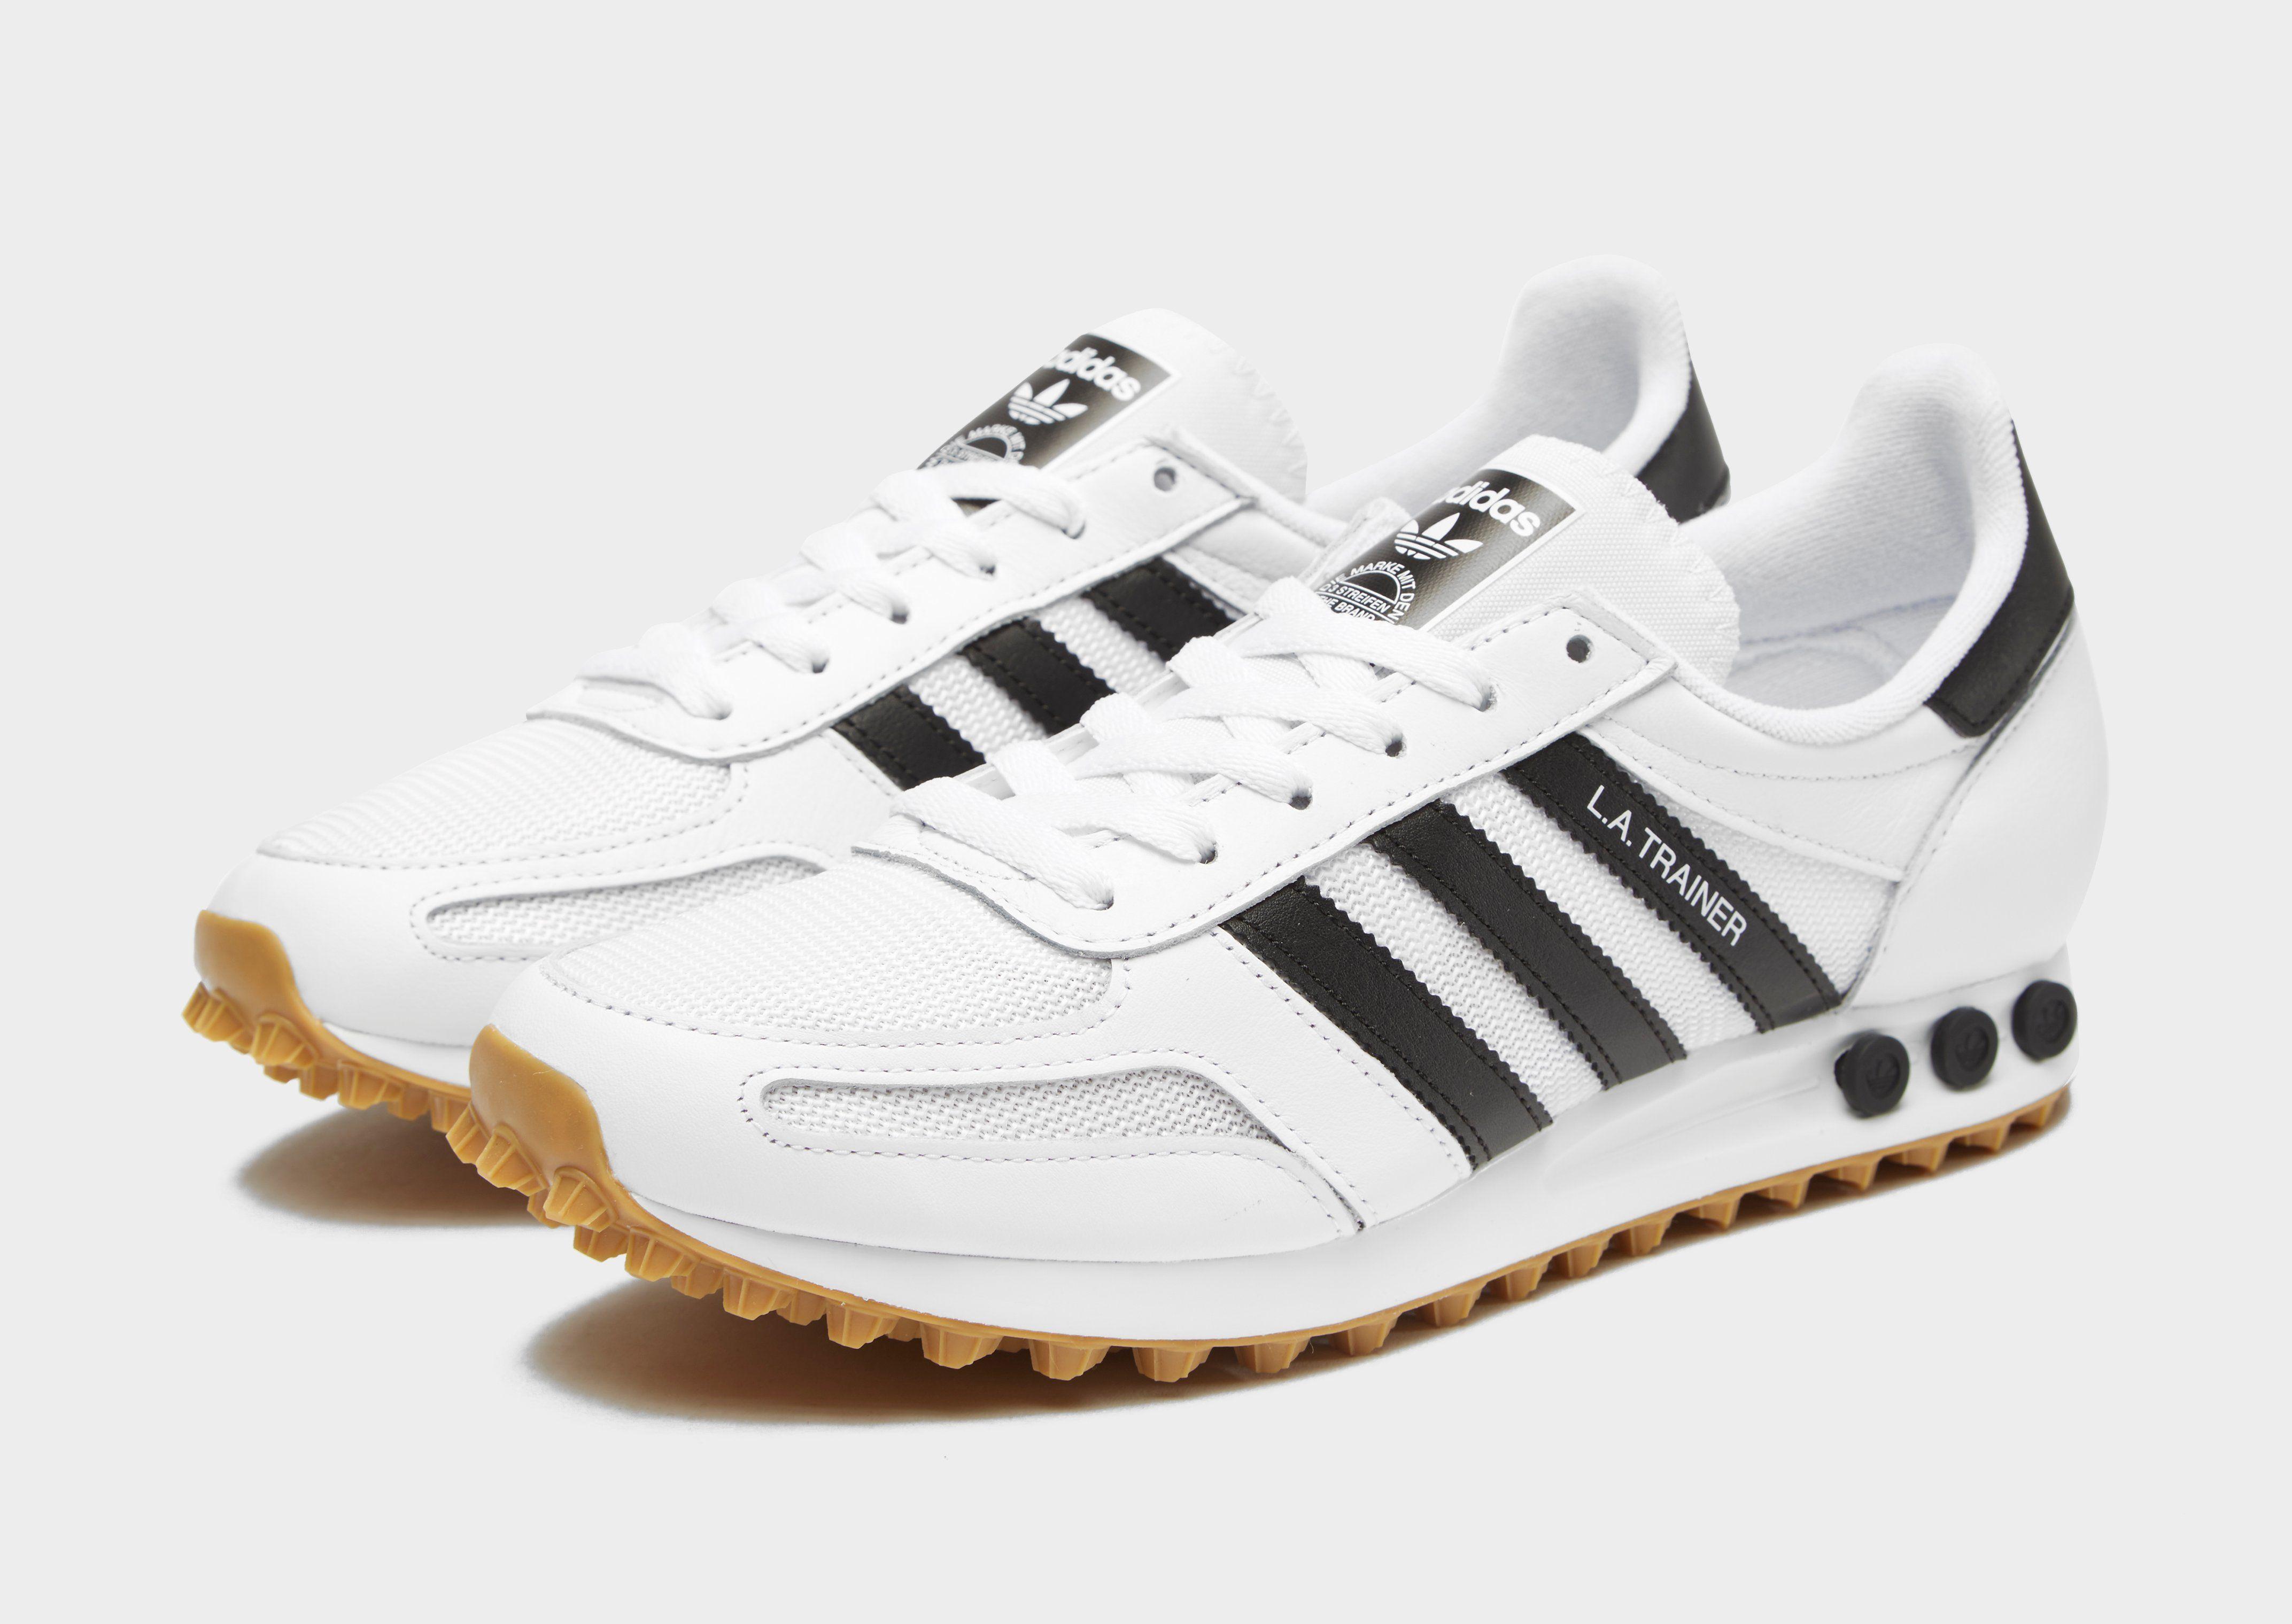 adidas originali la trainer jd sports